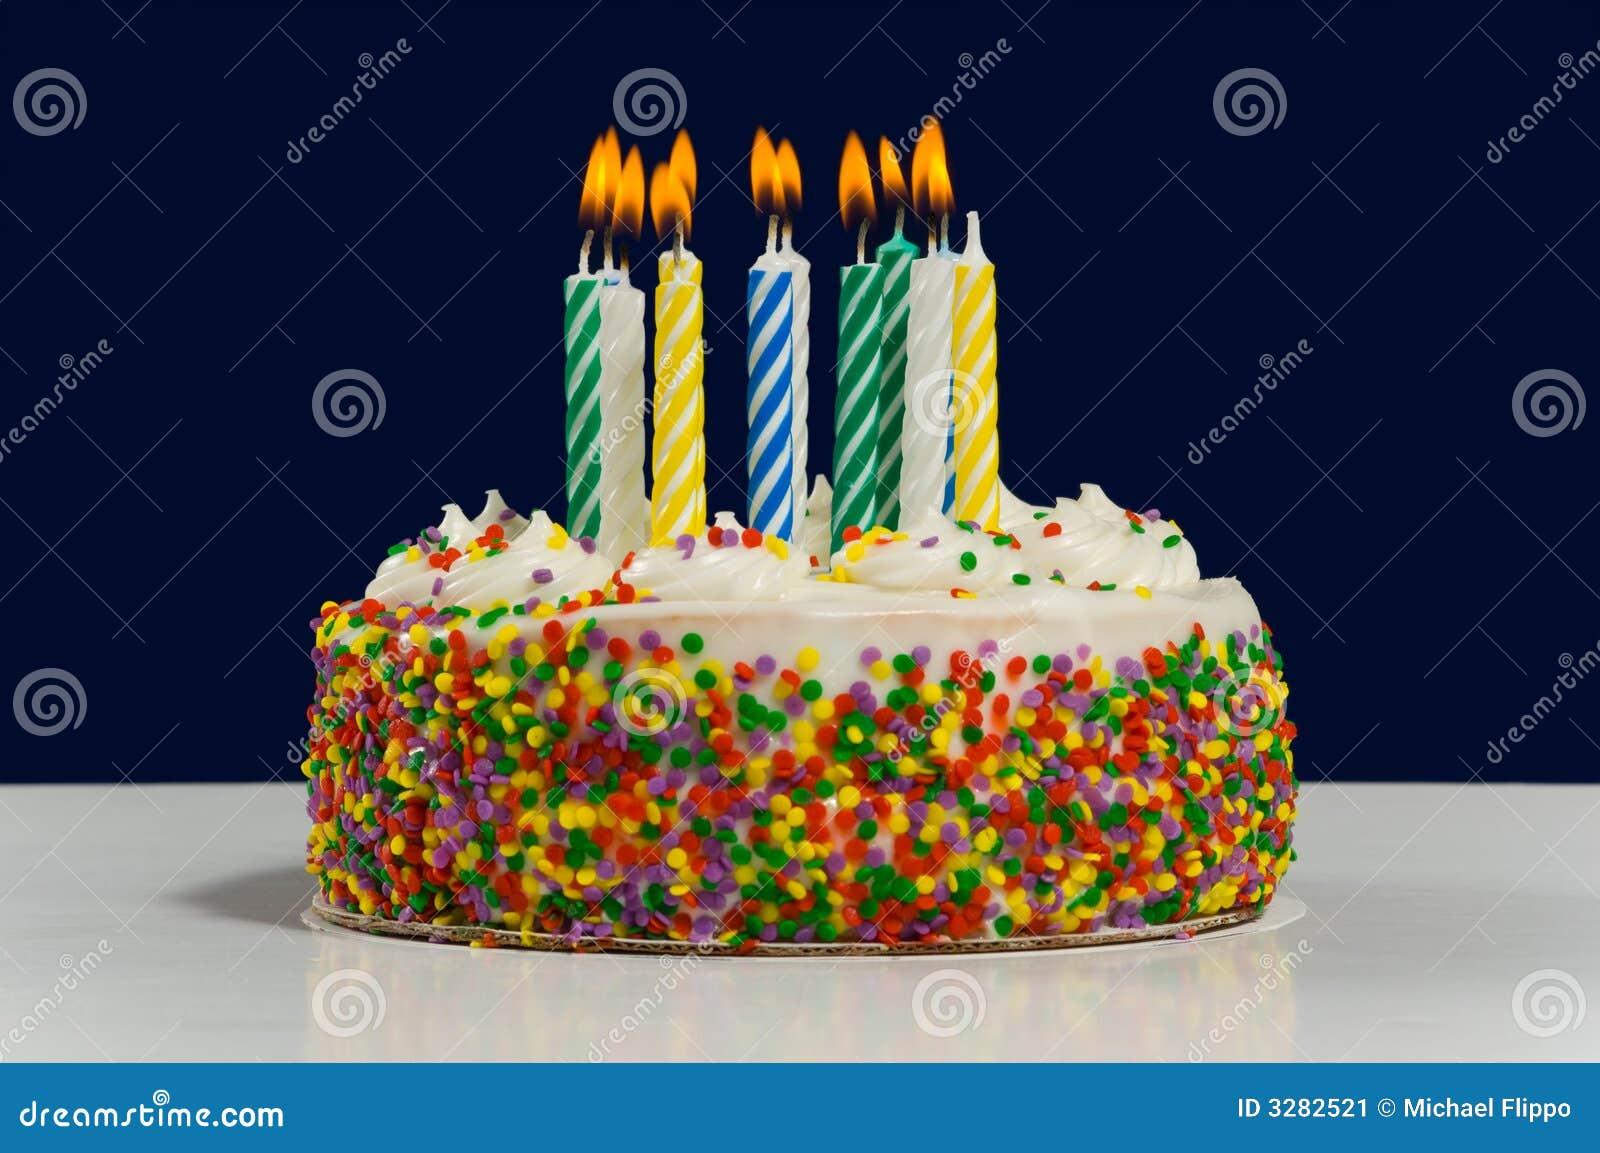 Torta Y Velas De Cumplea 241 Os Imagen De Archivo Imagen De